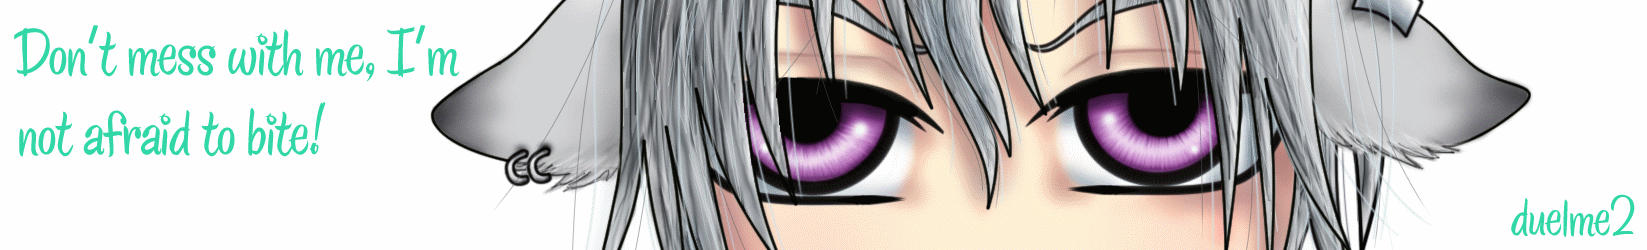 Zero animation by duelme2